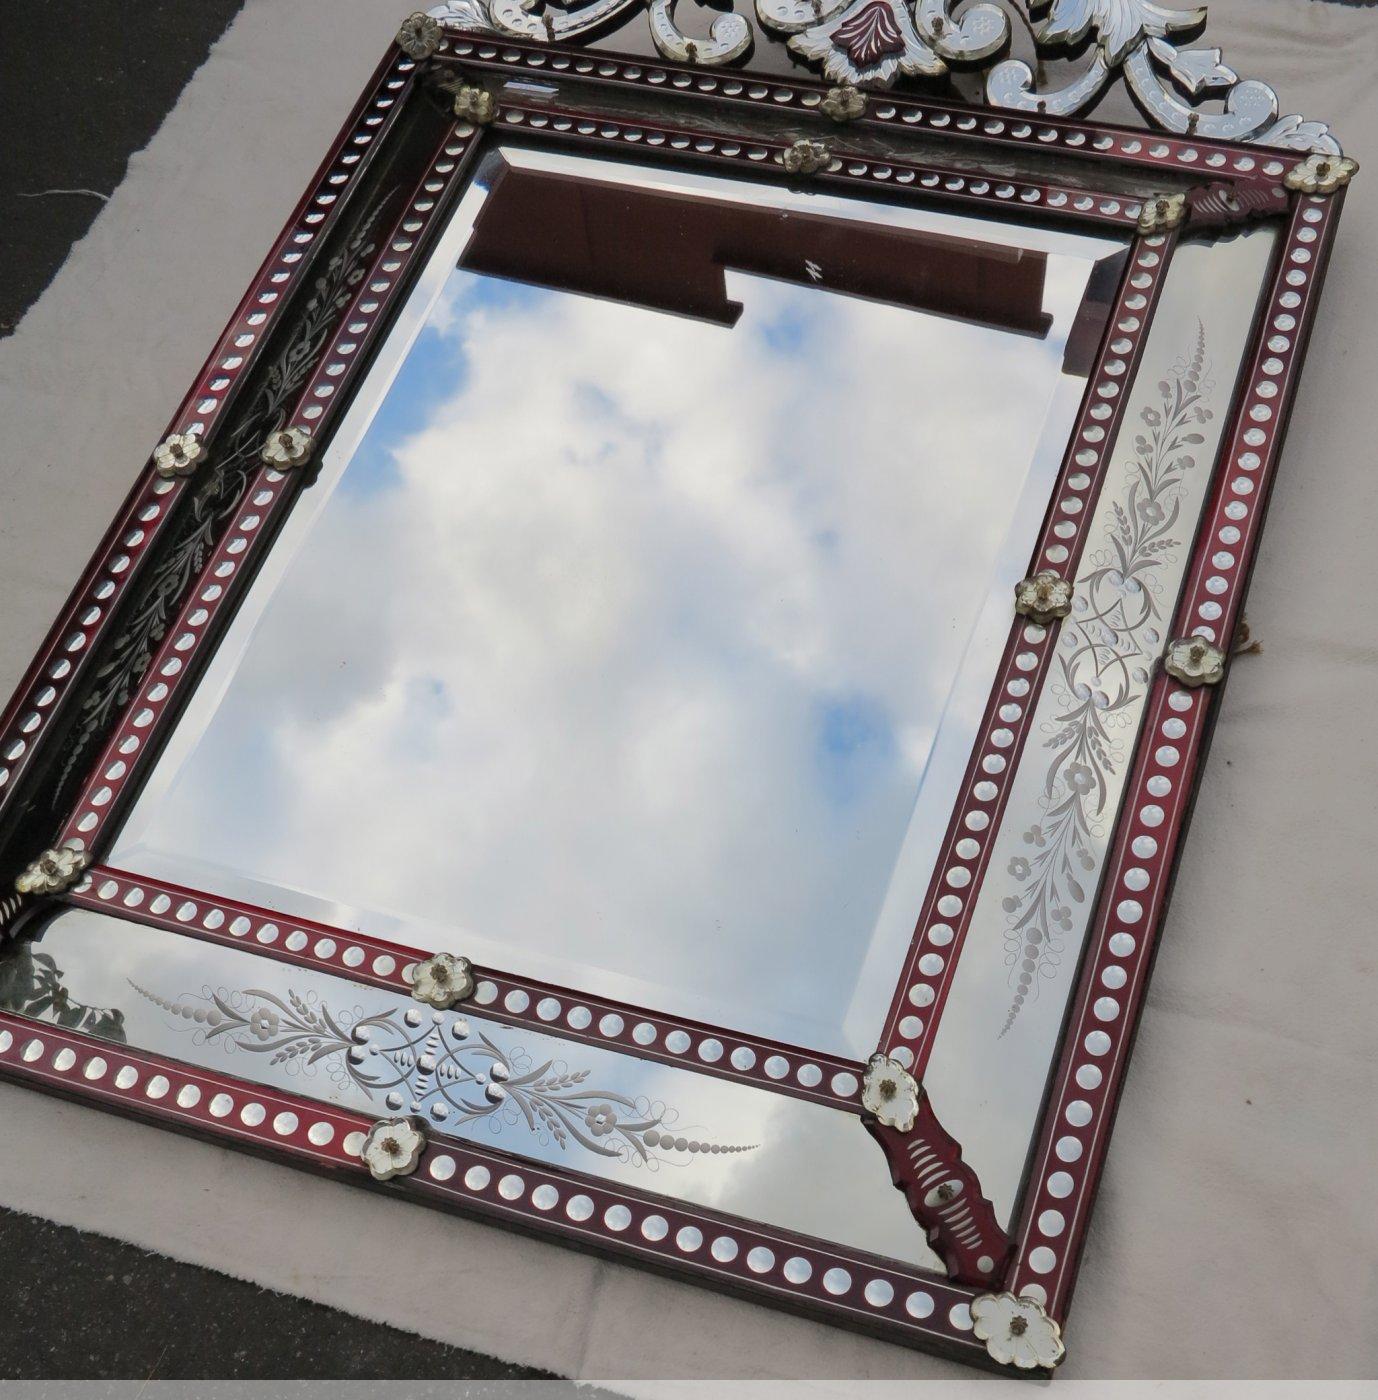 Miroir venitien fronton couleur rouge boh me xixe for Miroir store